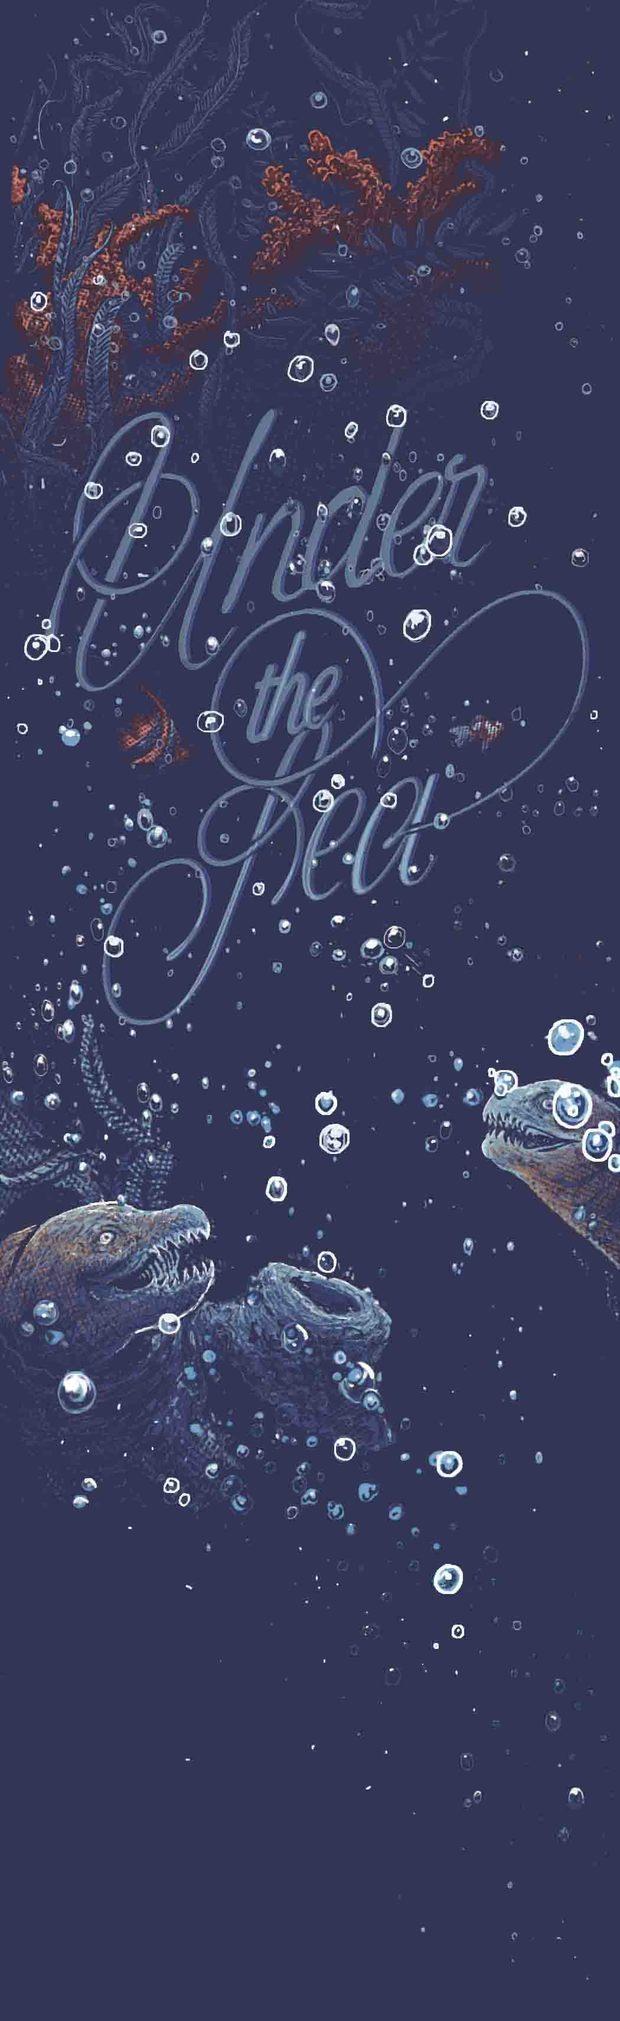 001 sea georges le mercenaire Under the Sea by Georges Le Mercenaire